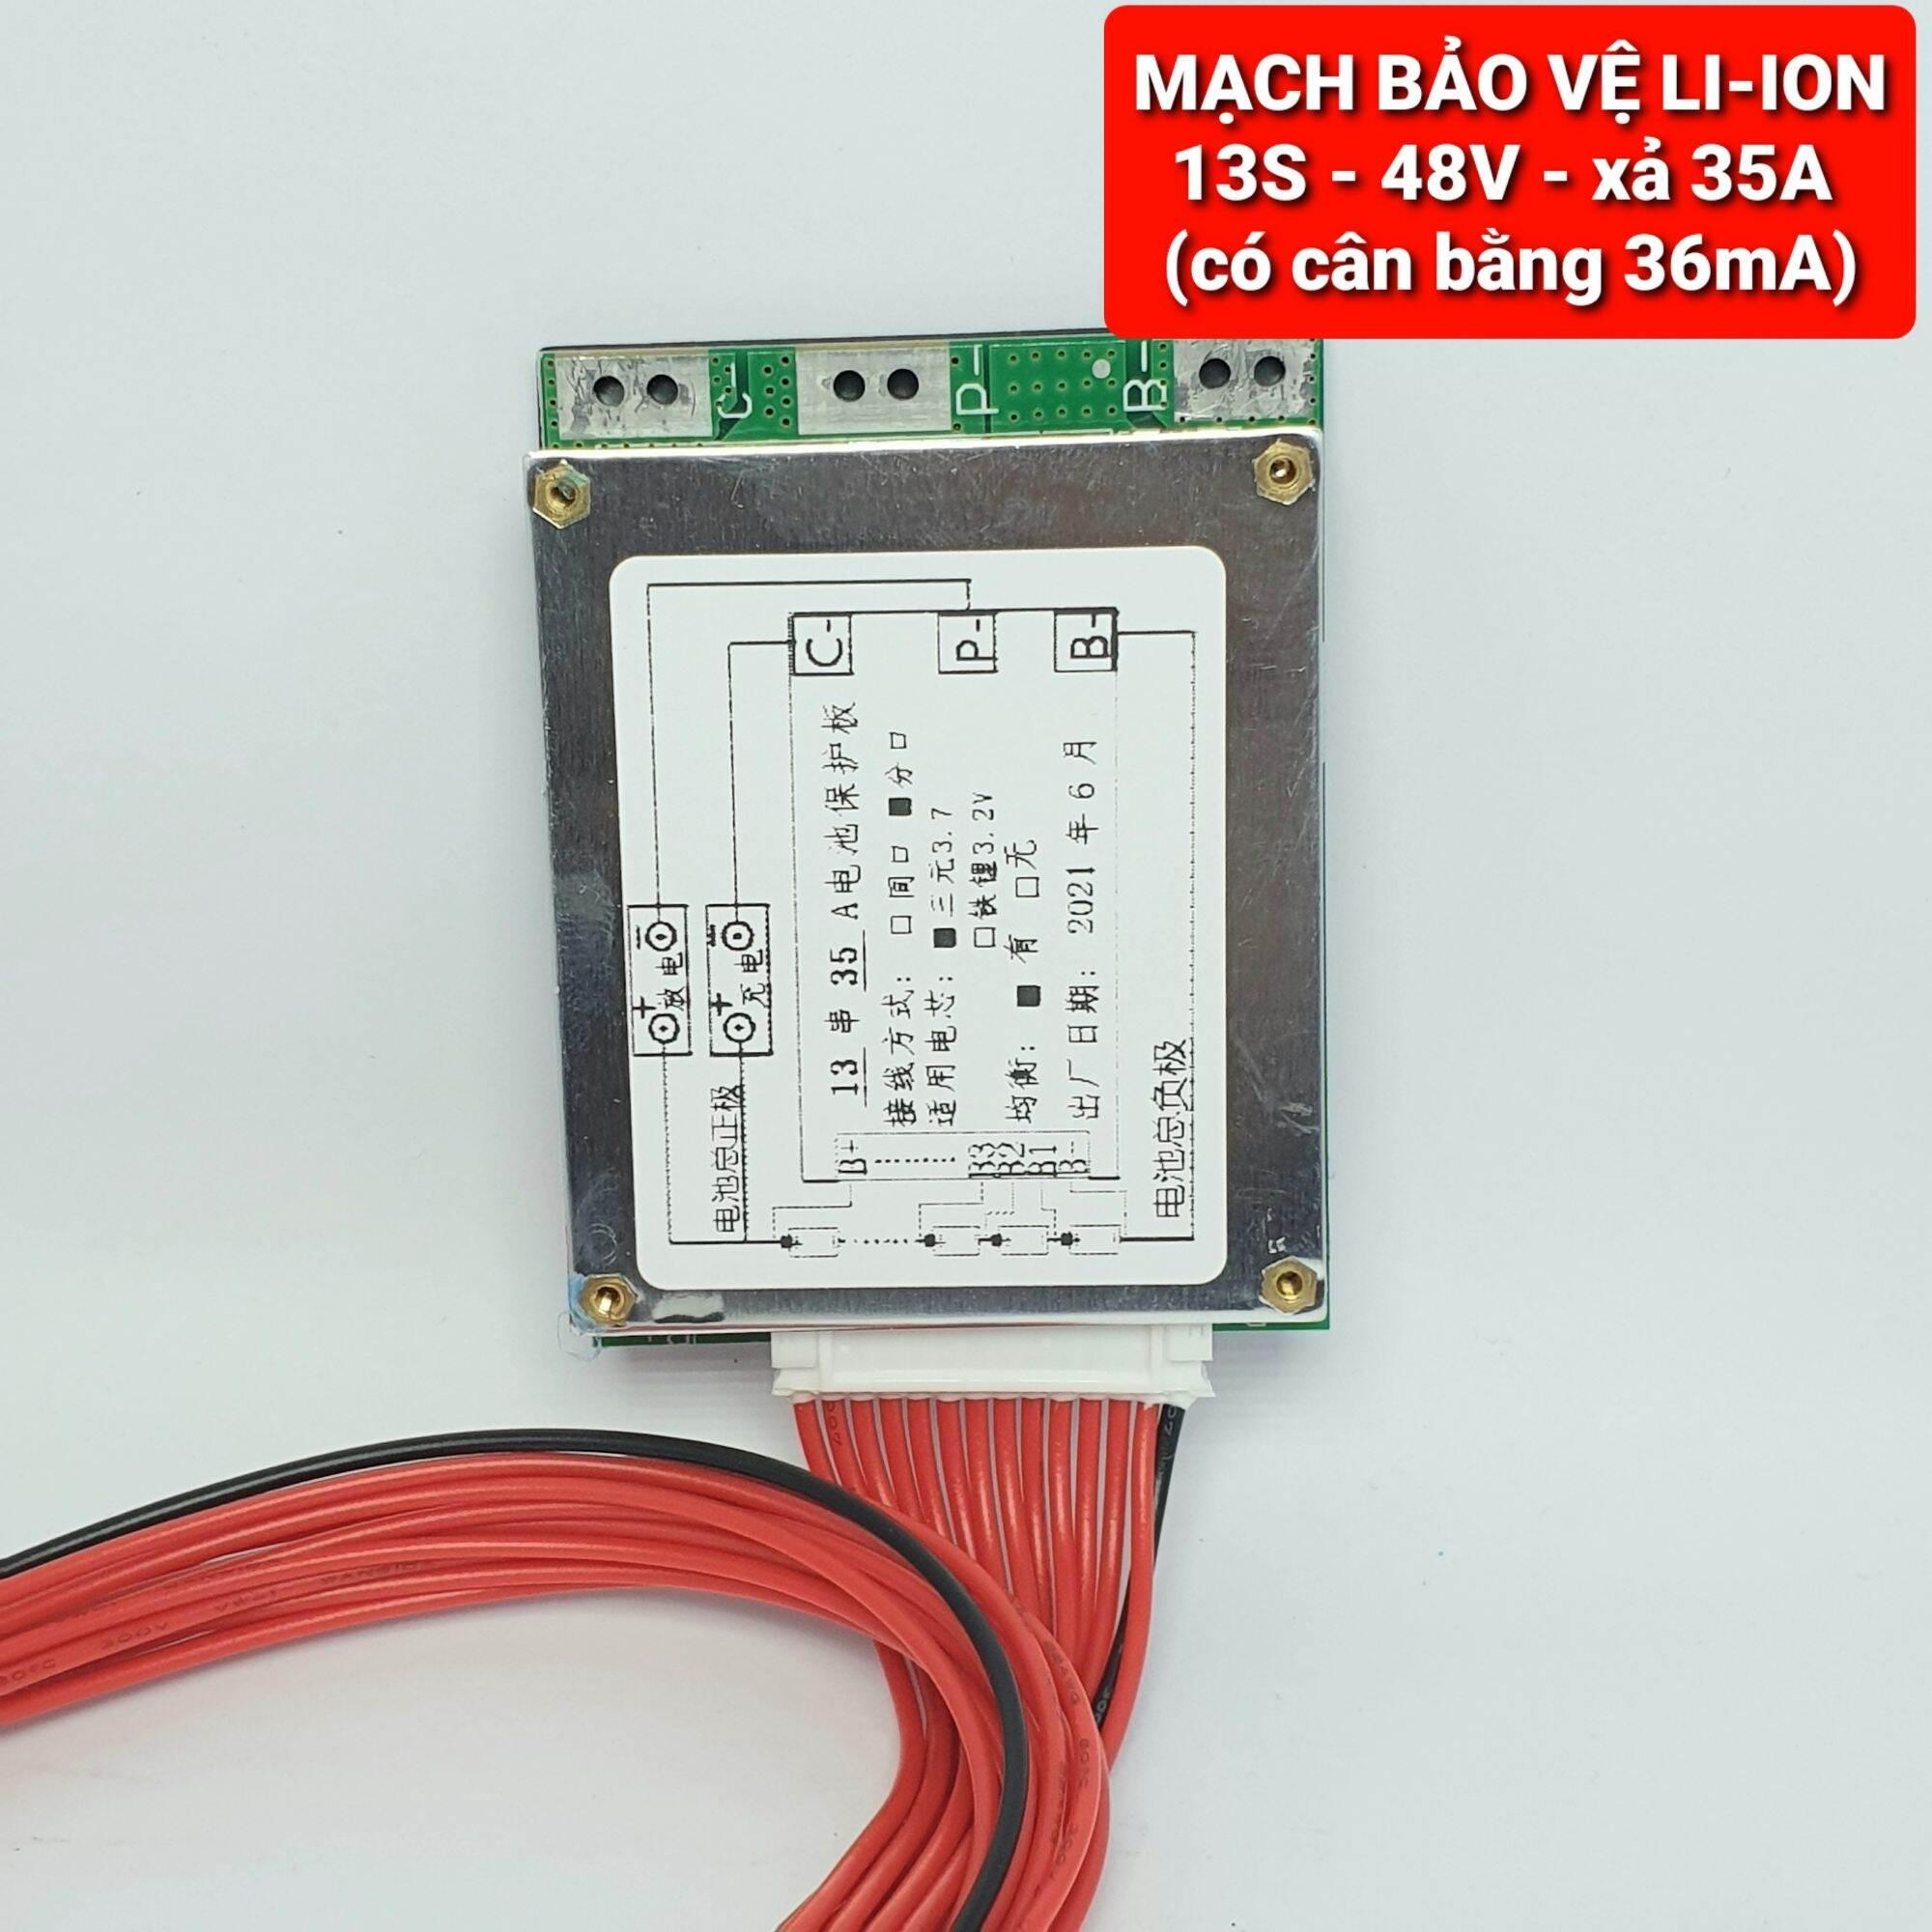 Mua MẠCH BẢO VỆ PIN 13S - 48V- XẢ 35A có cân bằng 36mA - Hệ pin 3.7V